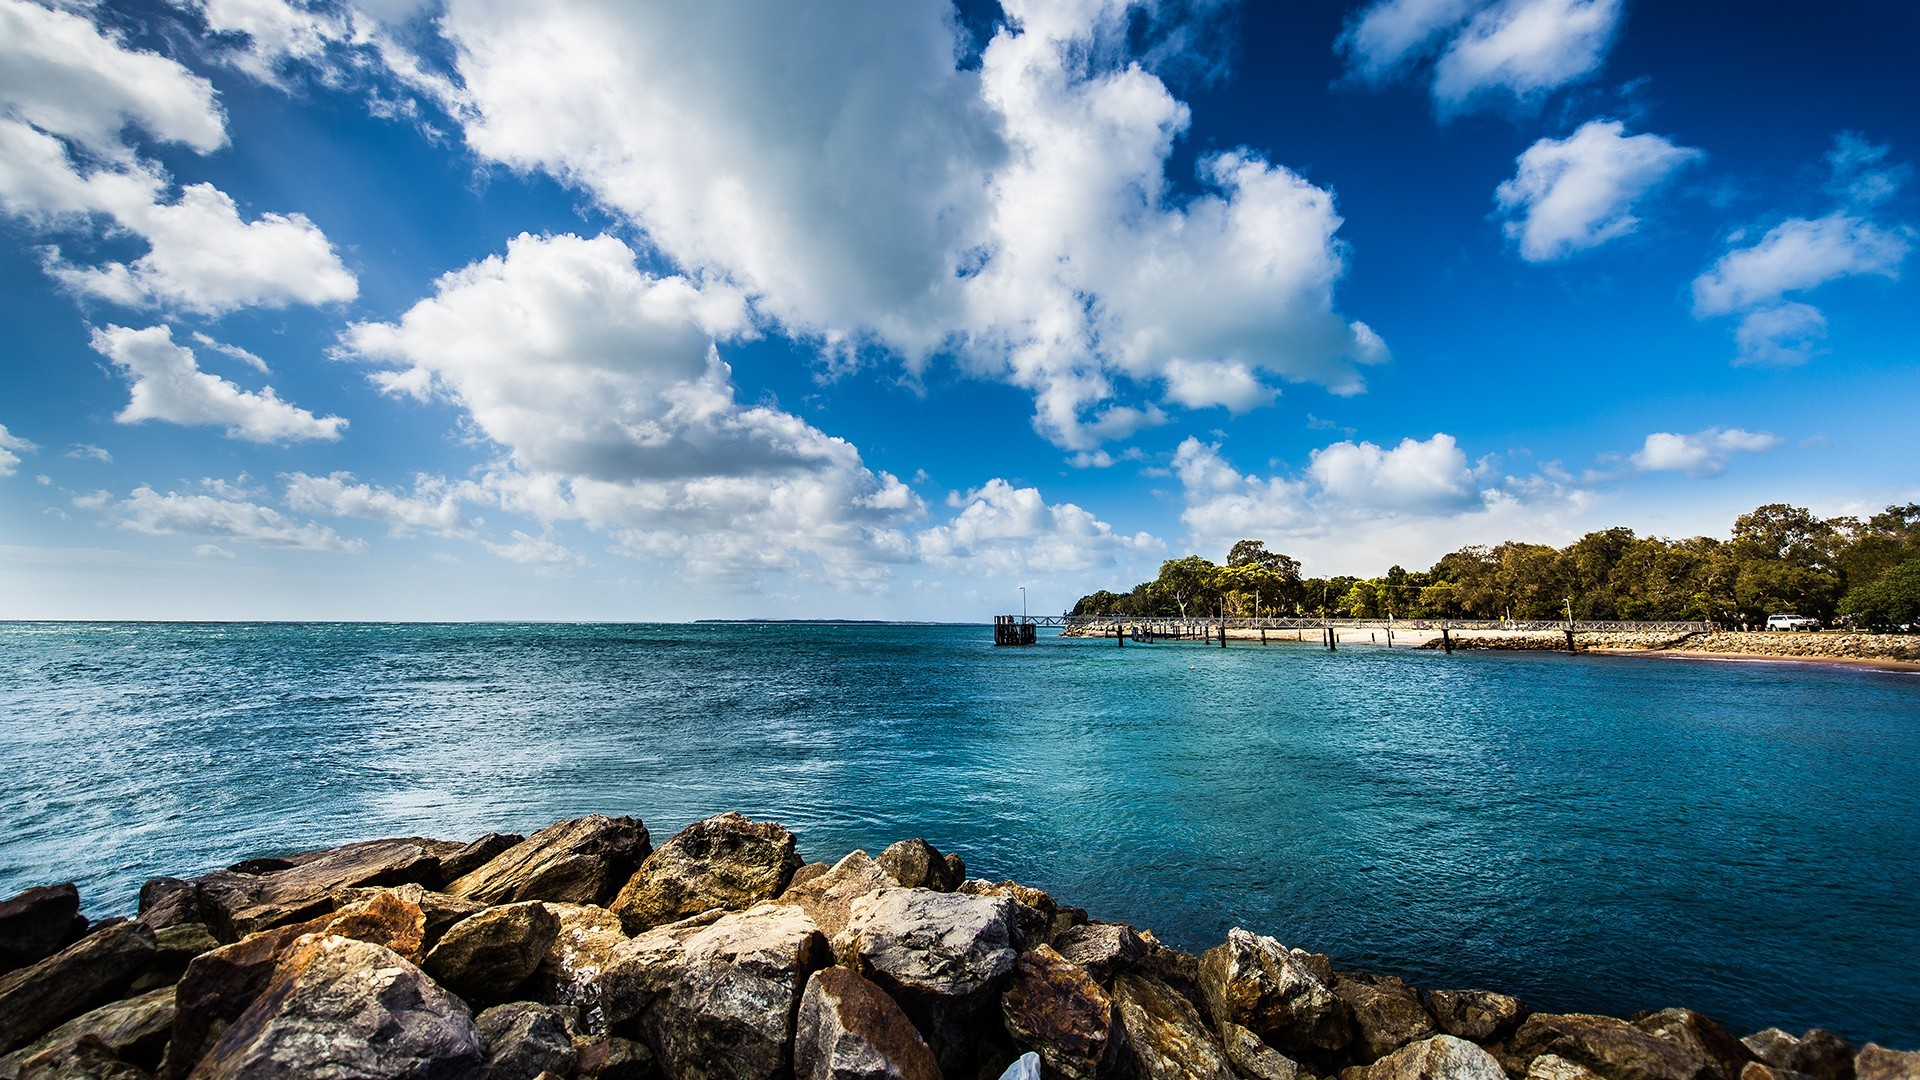 بالصور صور عن الطبيعة , صور البحر والسماء طبيعه خلابه 565 1